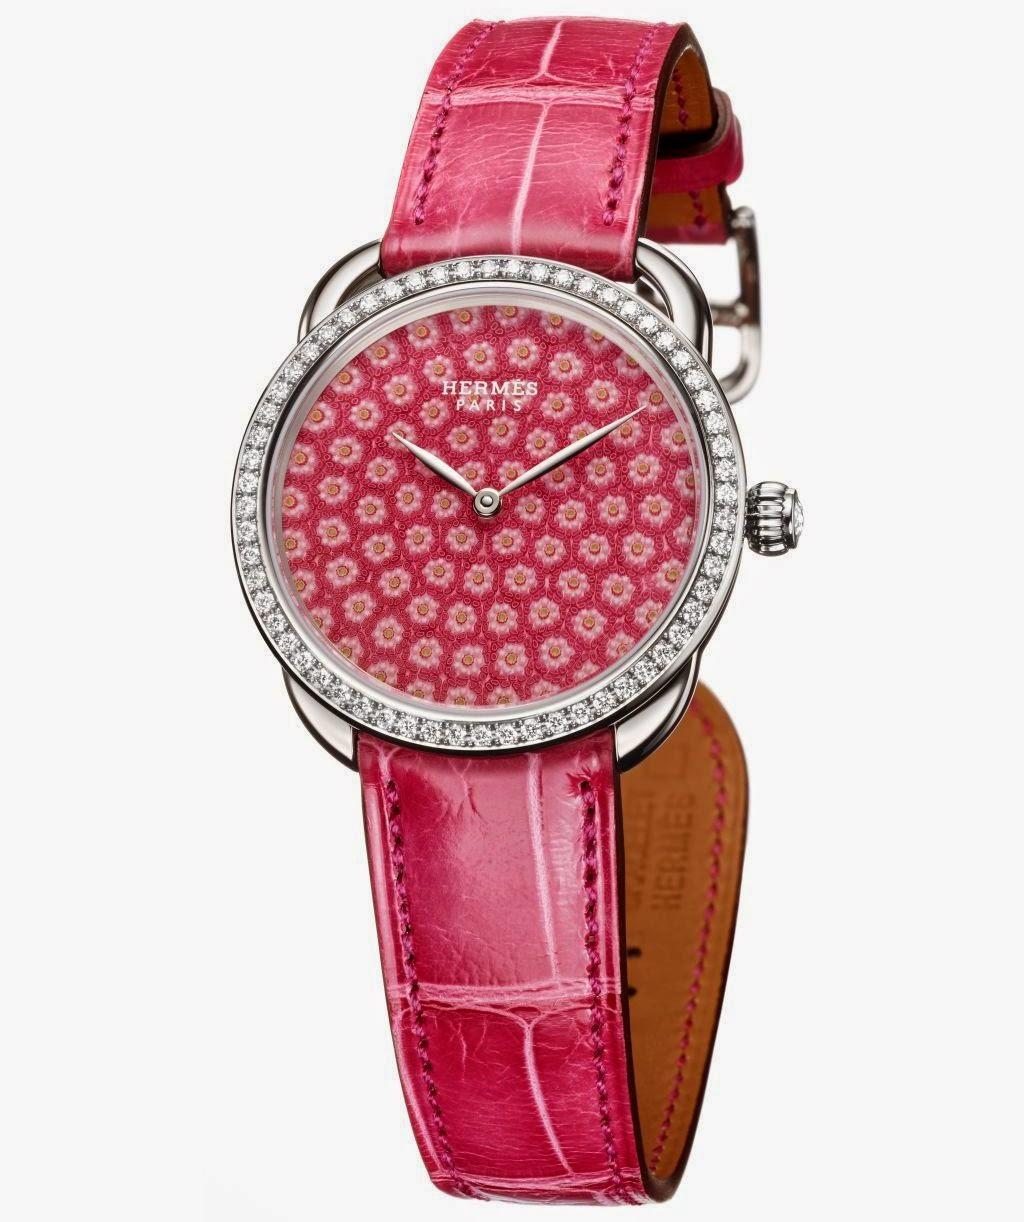 Hermès Arceau Millefiori 34 mm watch